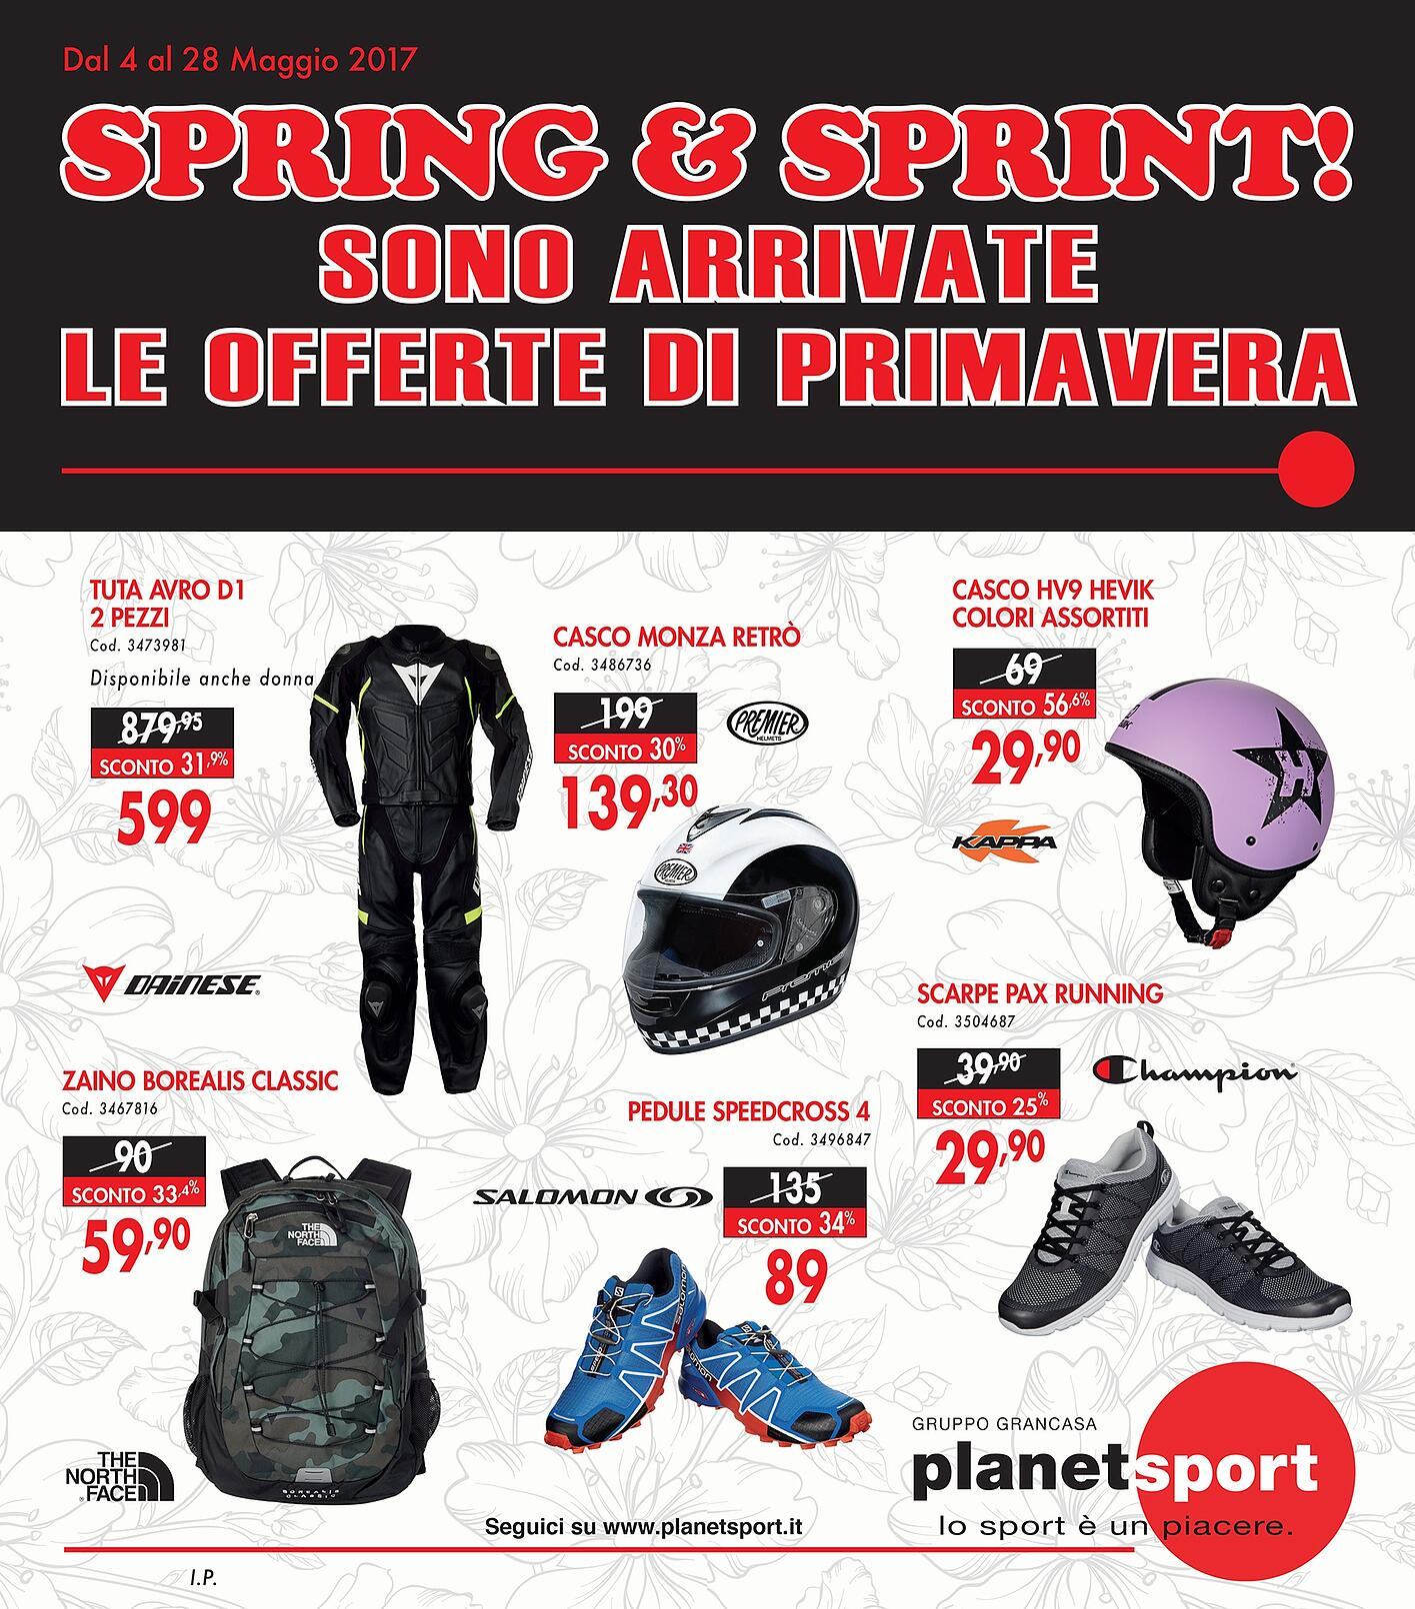 Planet Sport creare traffico in punto vendita volantino promozionale 1.jpg